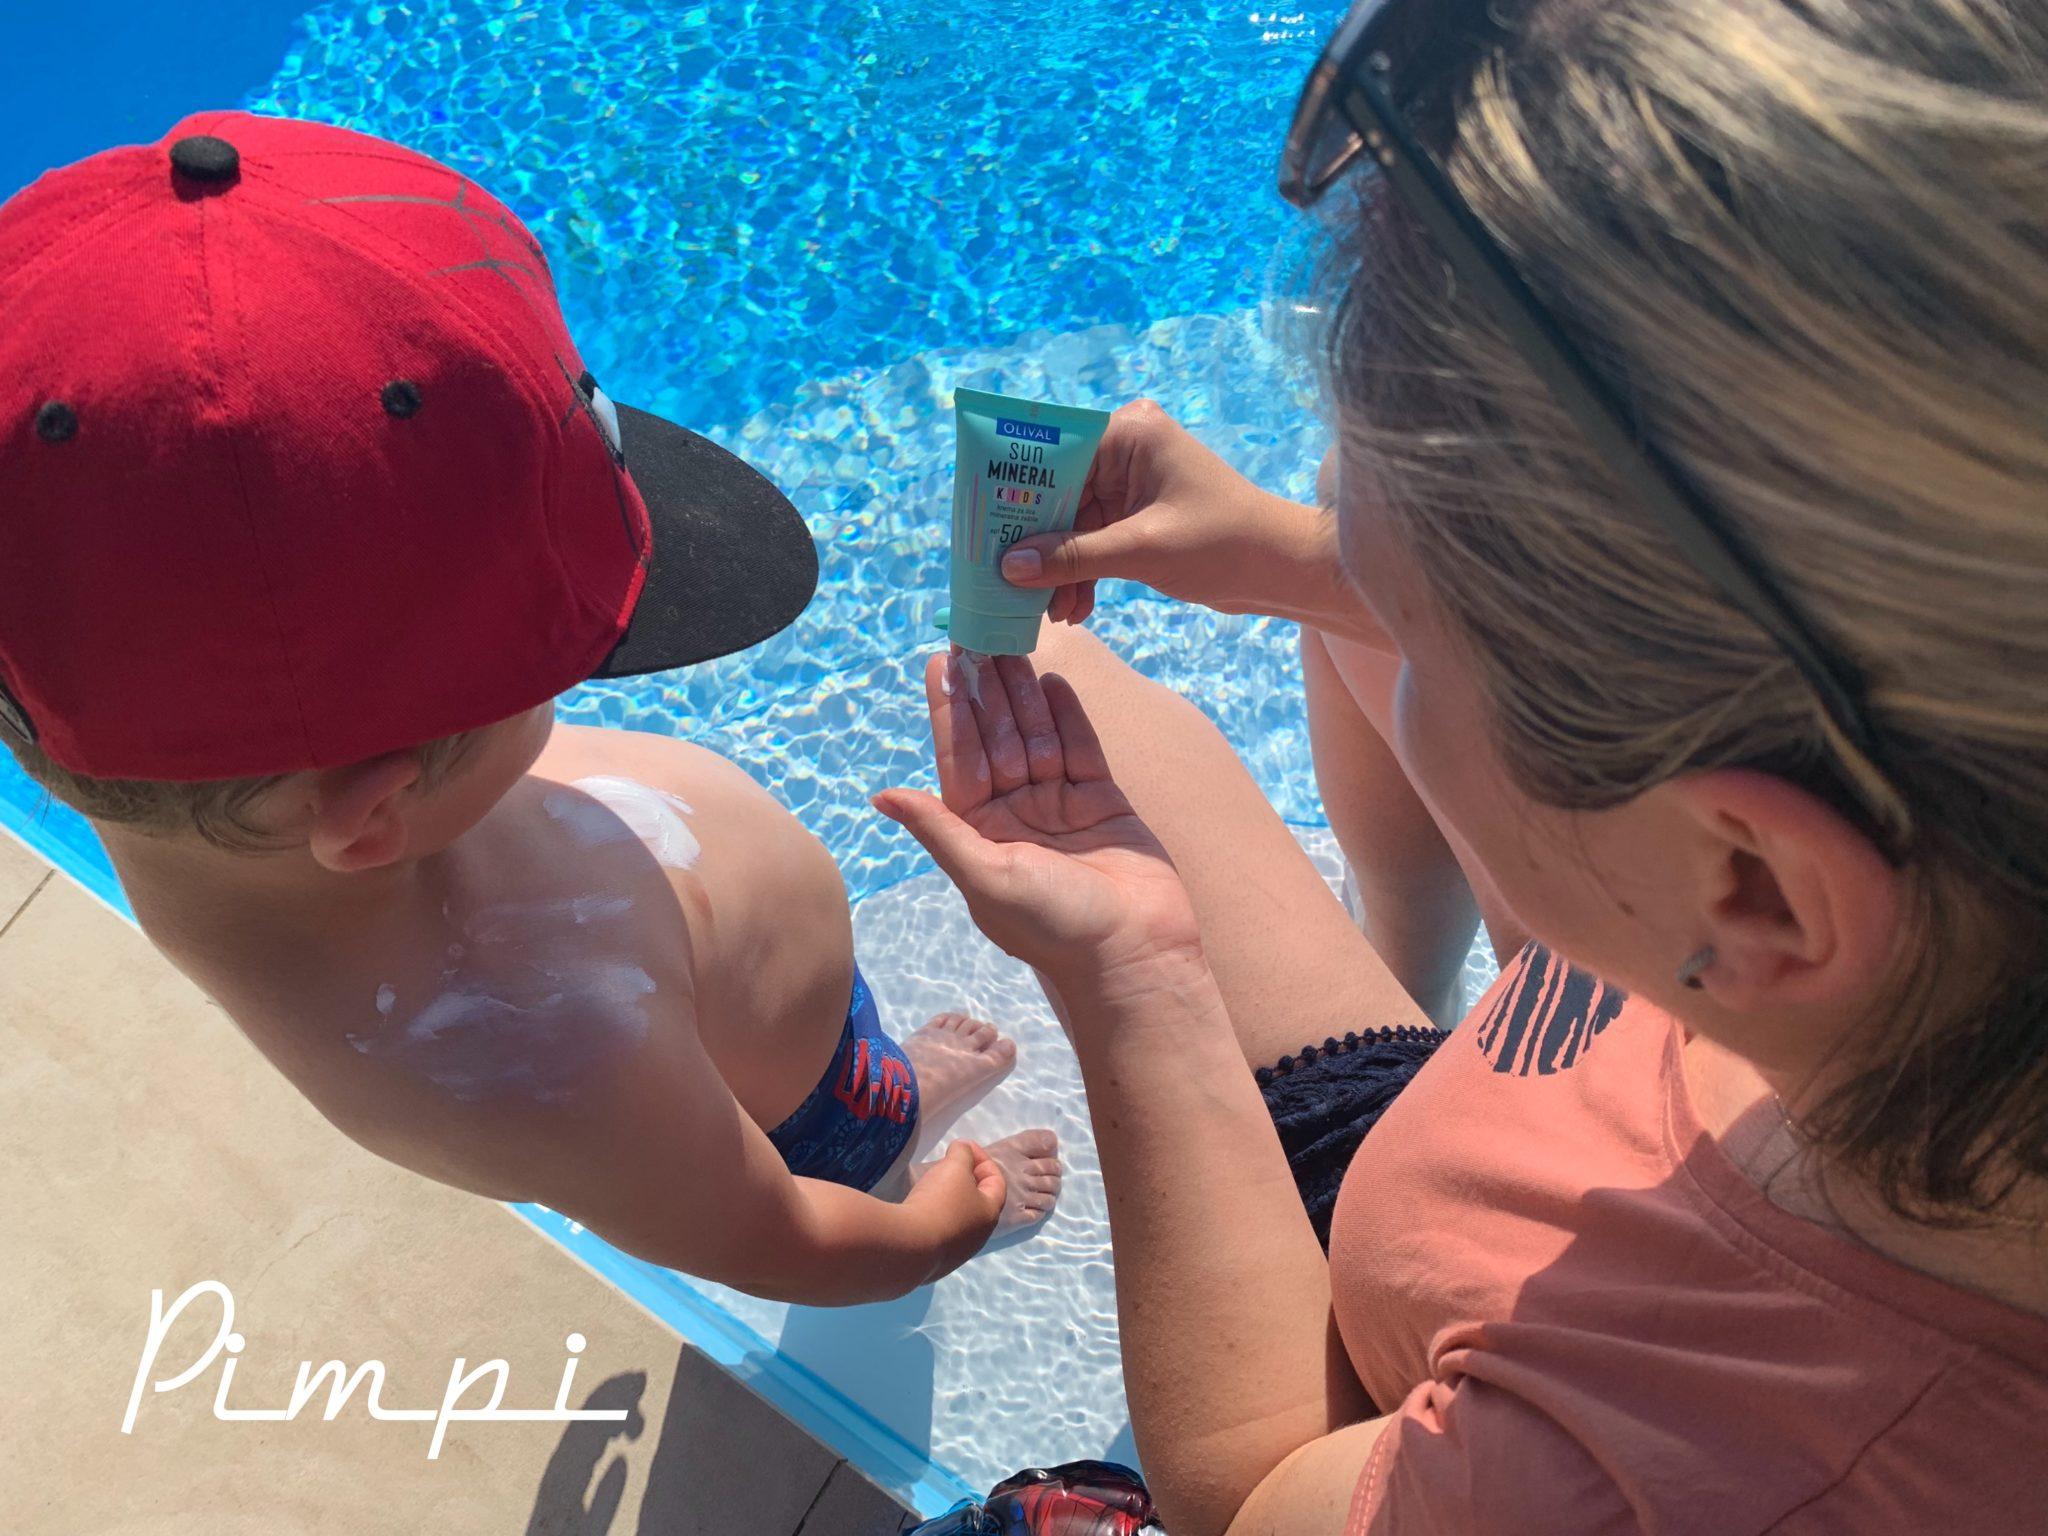 pimpi-bábo do sveta-s deťmi-mama blog-tipy a rady-opaľovanie-krémy-vhodné pre deti-olival-prírodná kozmetika-pozor na slniečko-SPF50-SPF30-hurá voda-bazén-prázdniny-rakovina kože-pozor-detská pokožka